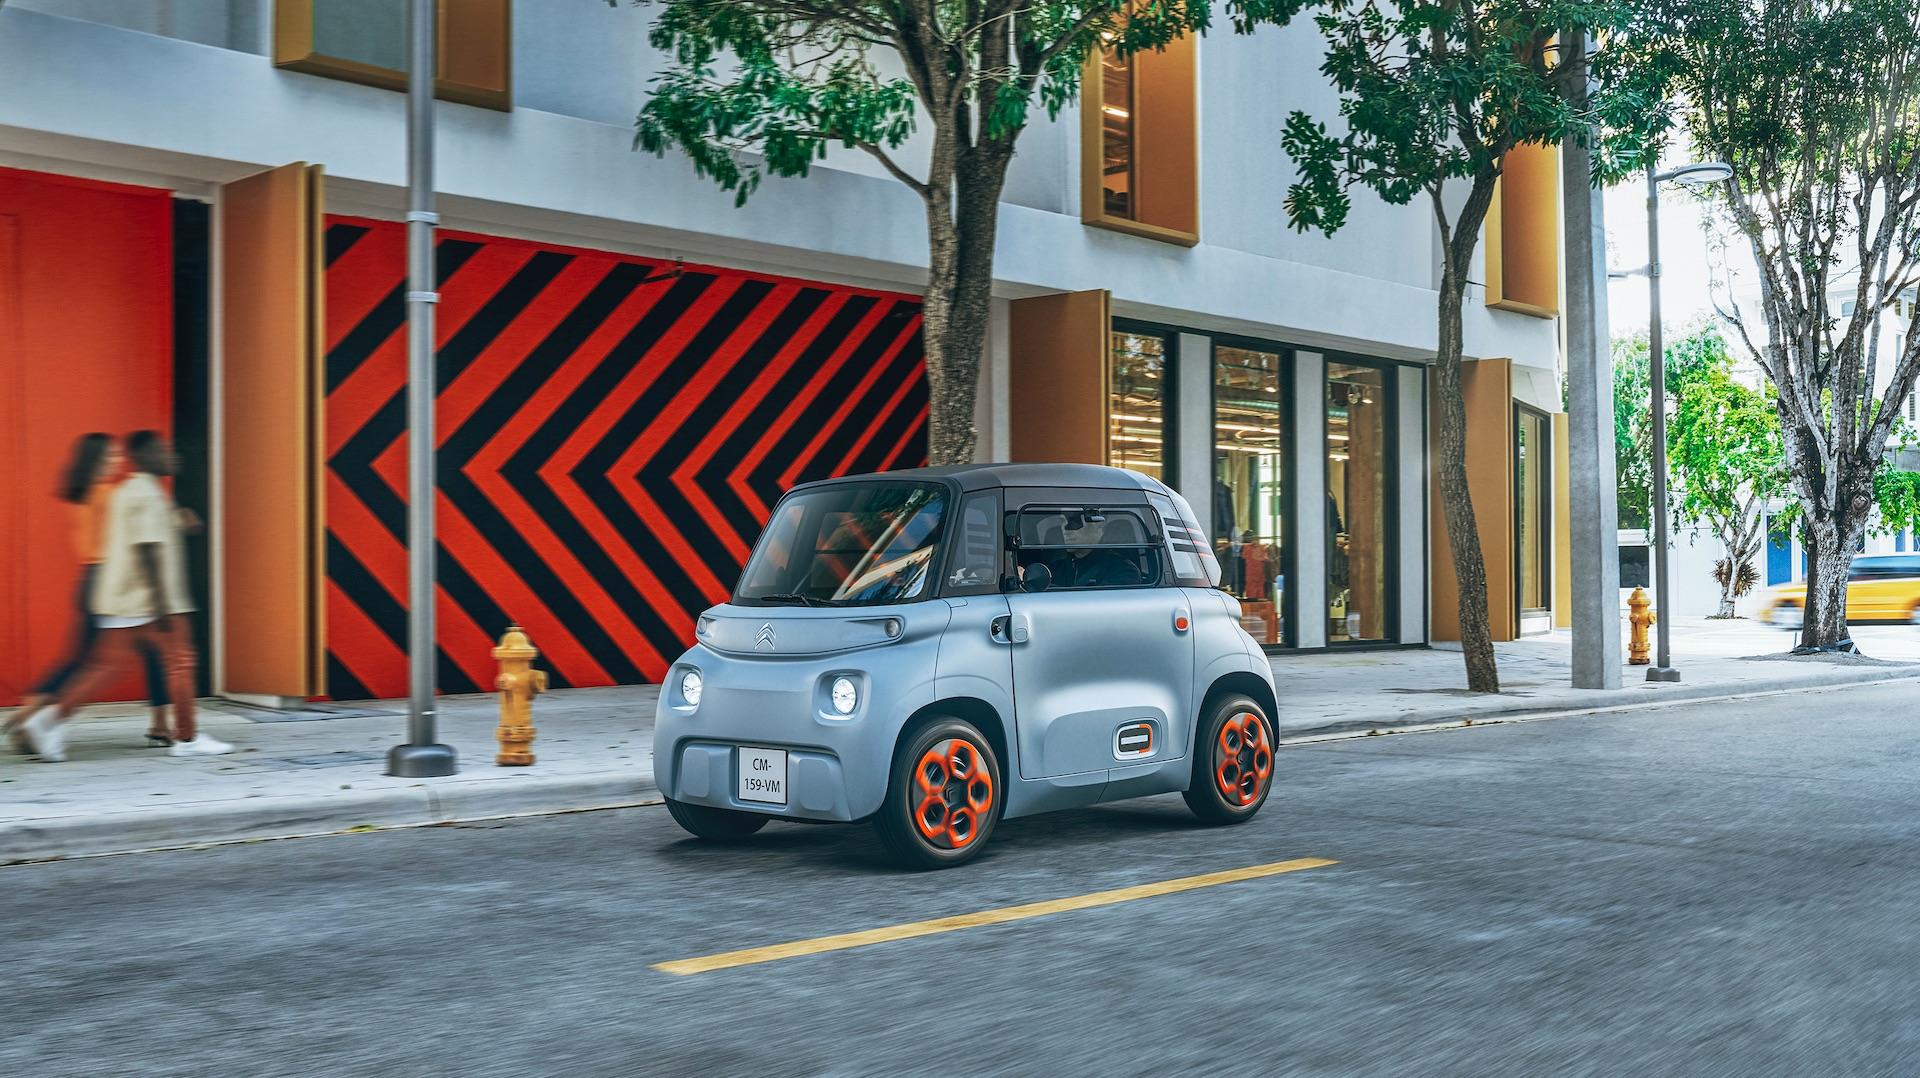 Électrique, sans permis, accessible à 20 euros par mois : la nouvelle voiture de Citroën ose tout